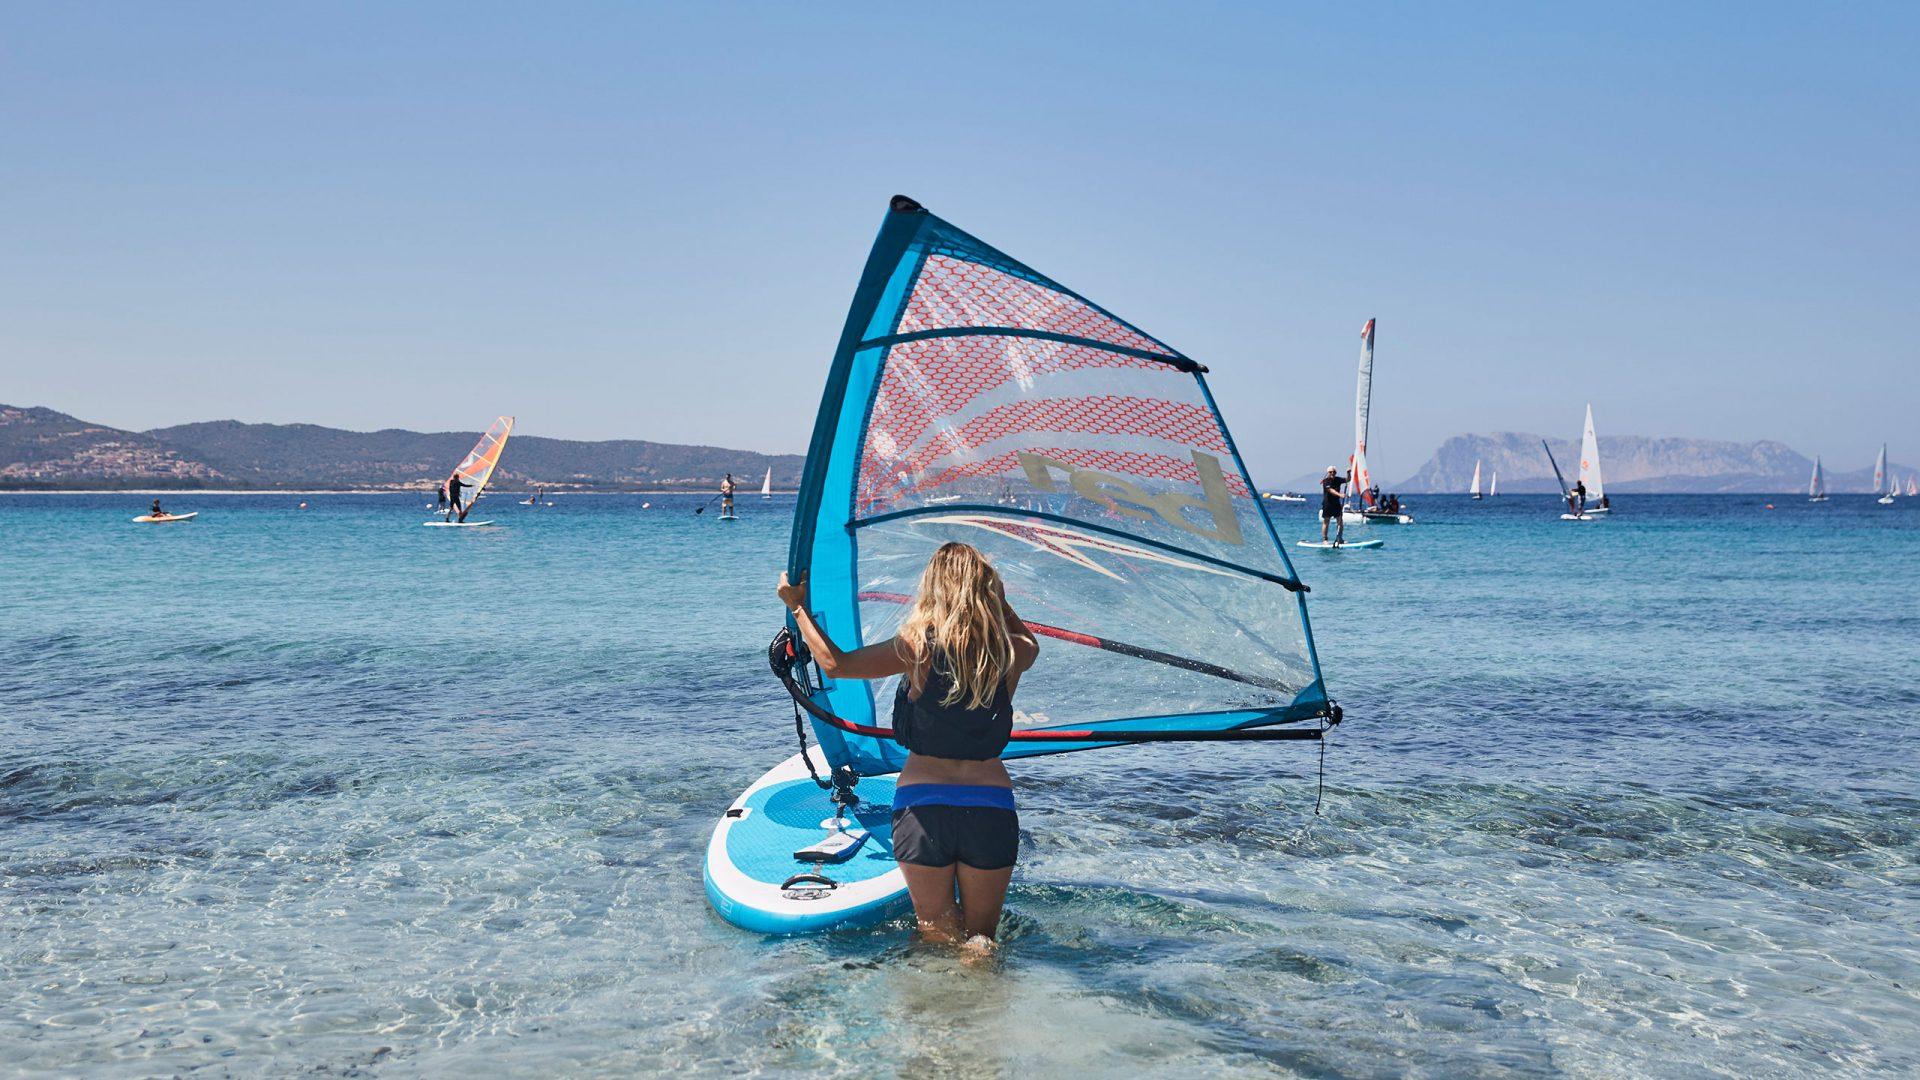 Migliori sup windsurf: offerte, alternative, scegli il migliore!